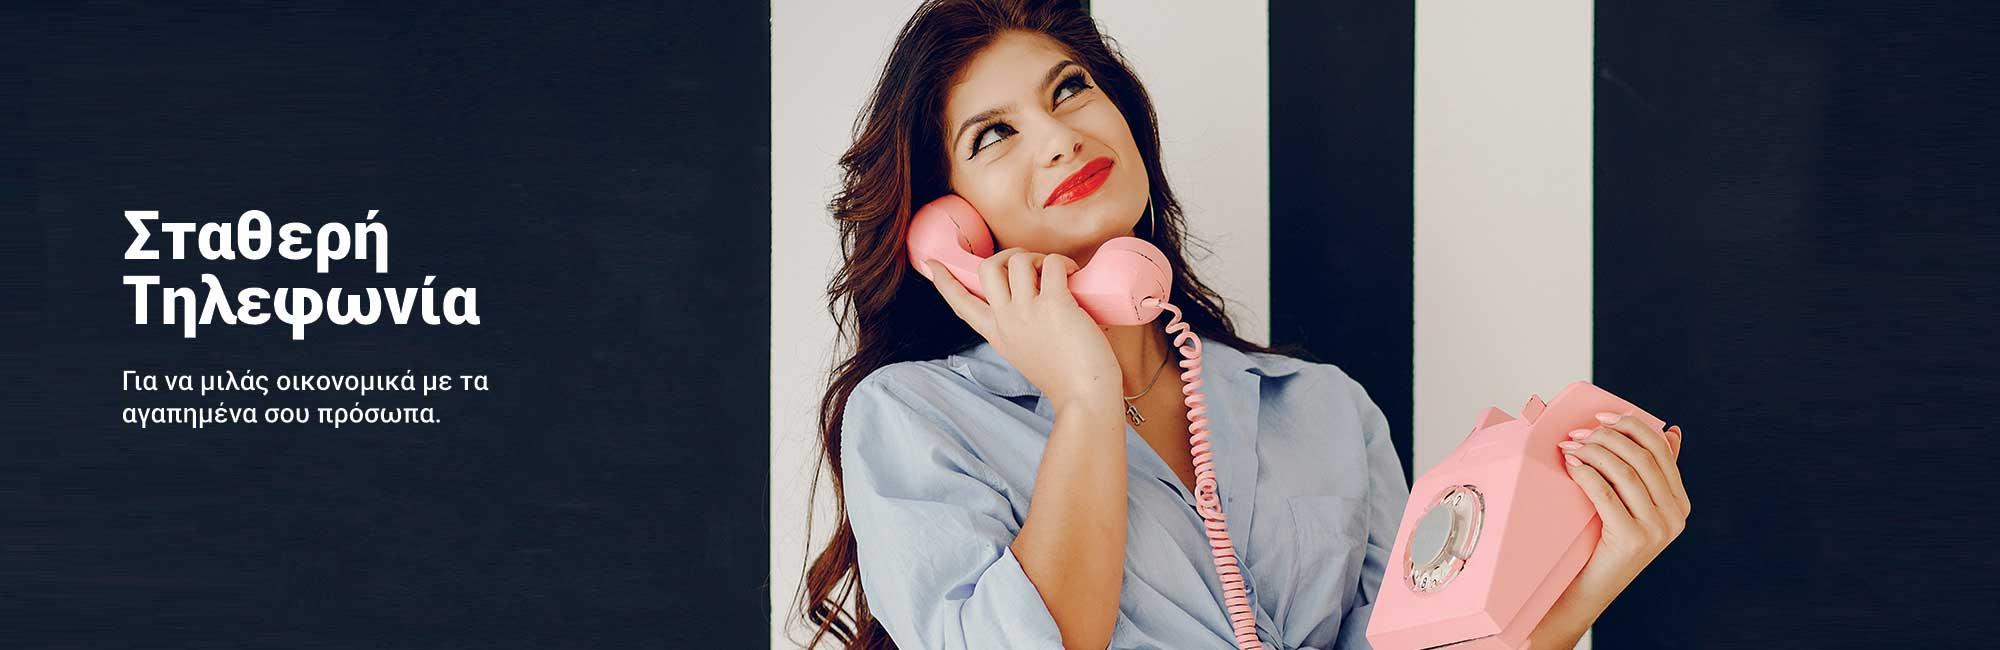 Σταθερή Τηλεφωνία Κύπρου για να μιλάς οικονομικά με τα αγαπημένα σου πρόσωπα